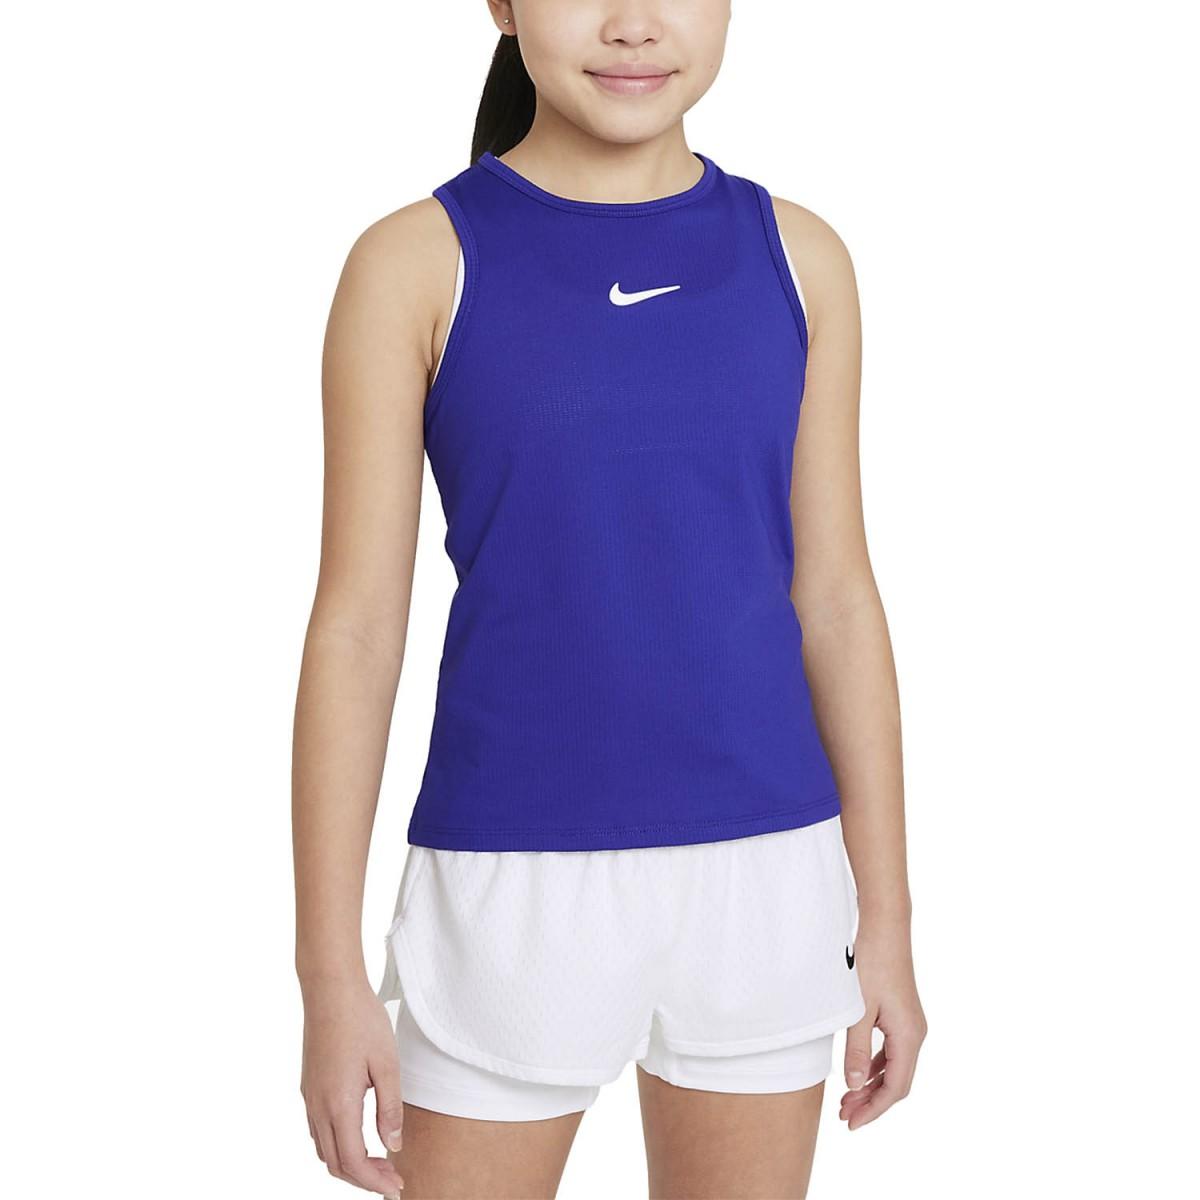 Теннисная майка для девочек Nike Court Victory Tank concord/white